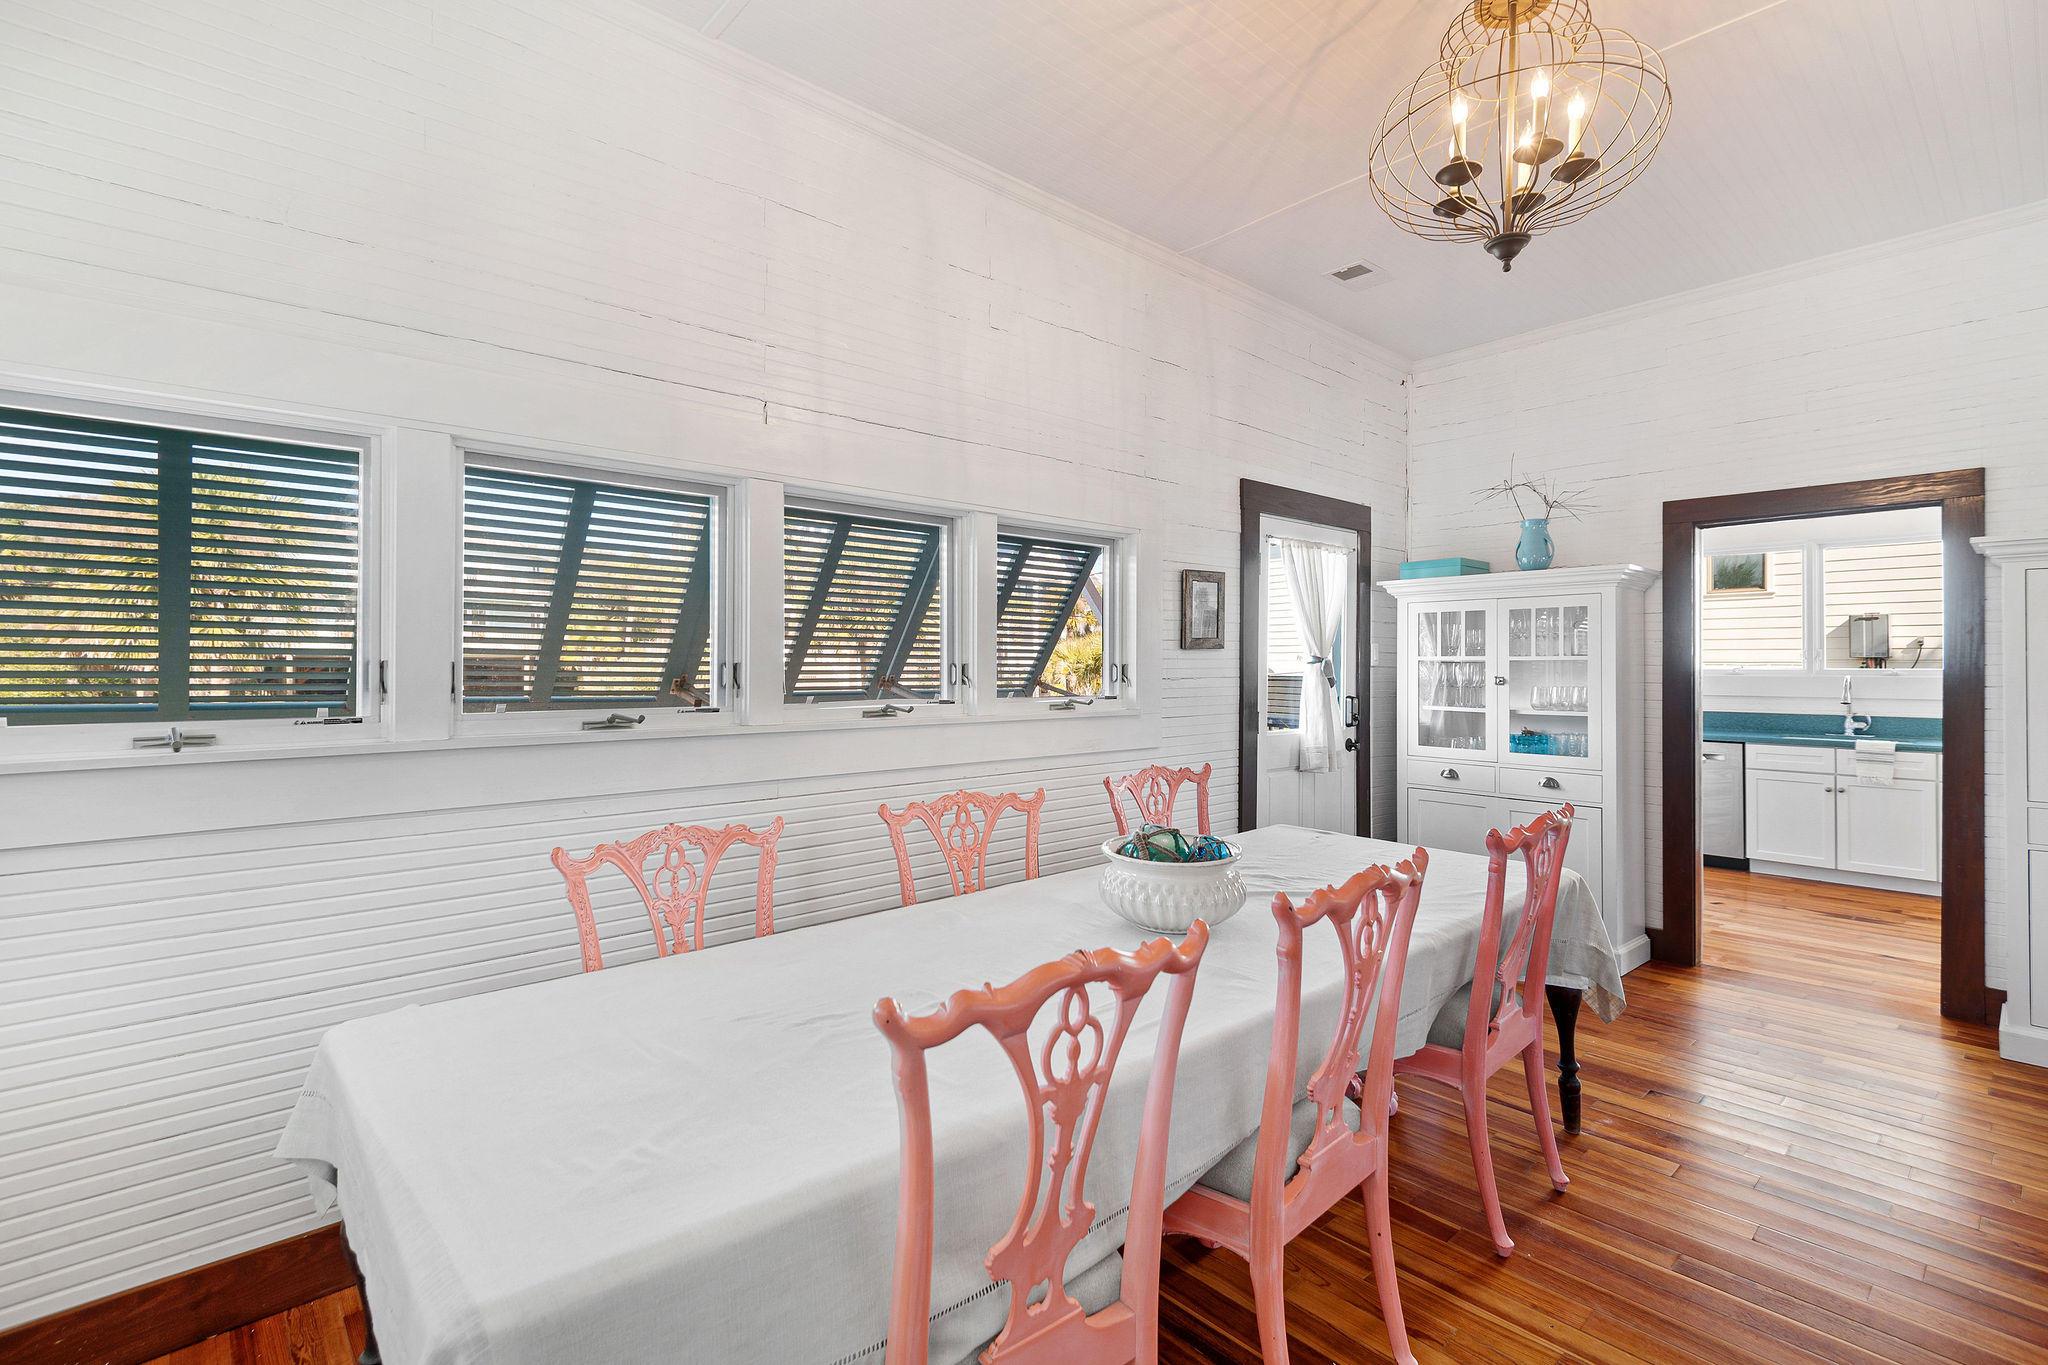 Folly Beach Homes For Sale - 509 Ashley, Folly Beach, SC - 21